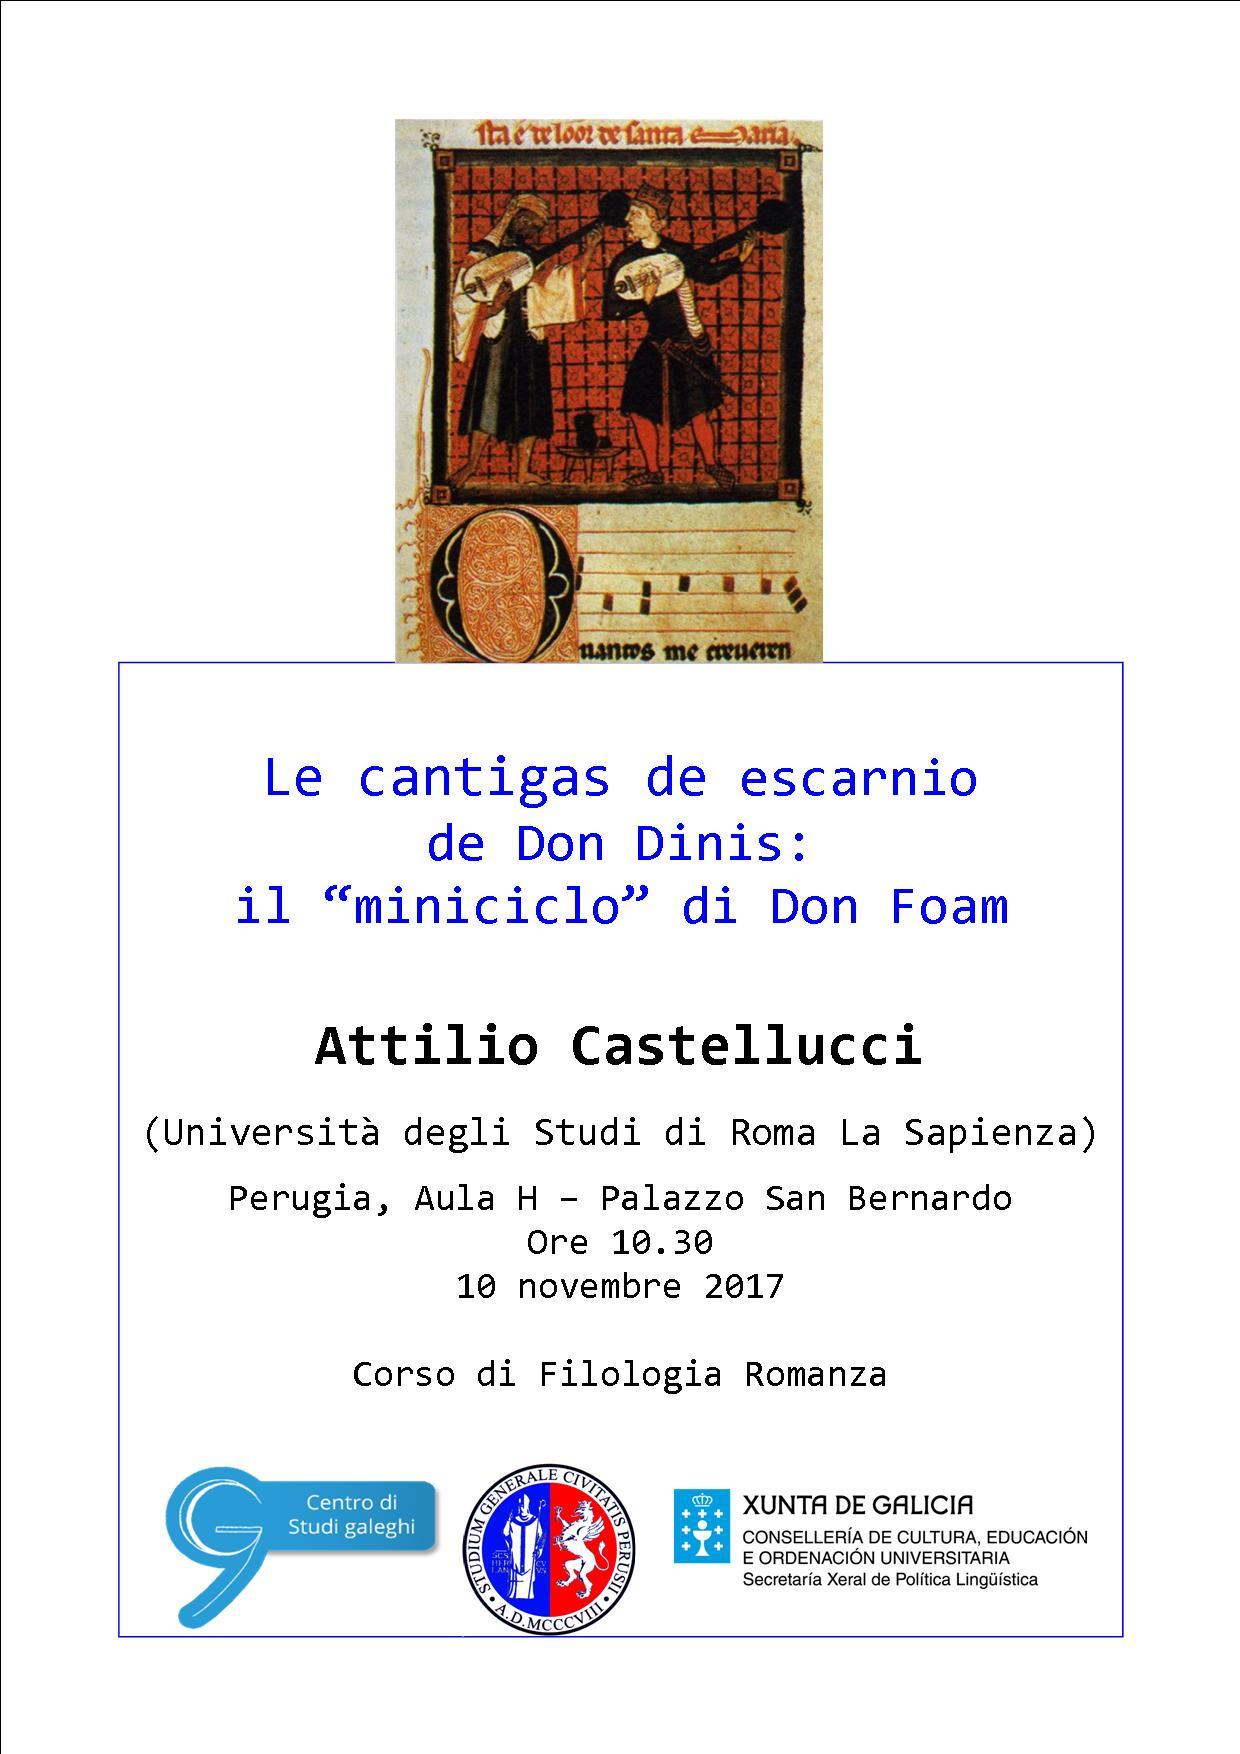 Conferenza – Attilio Castellucci